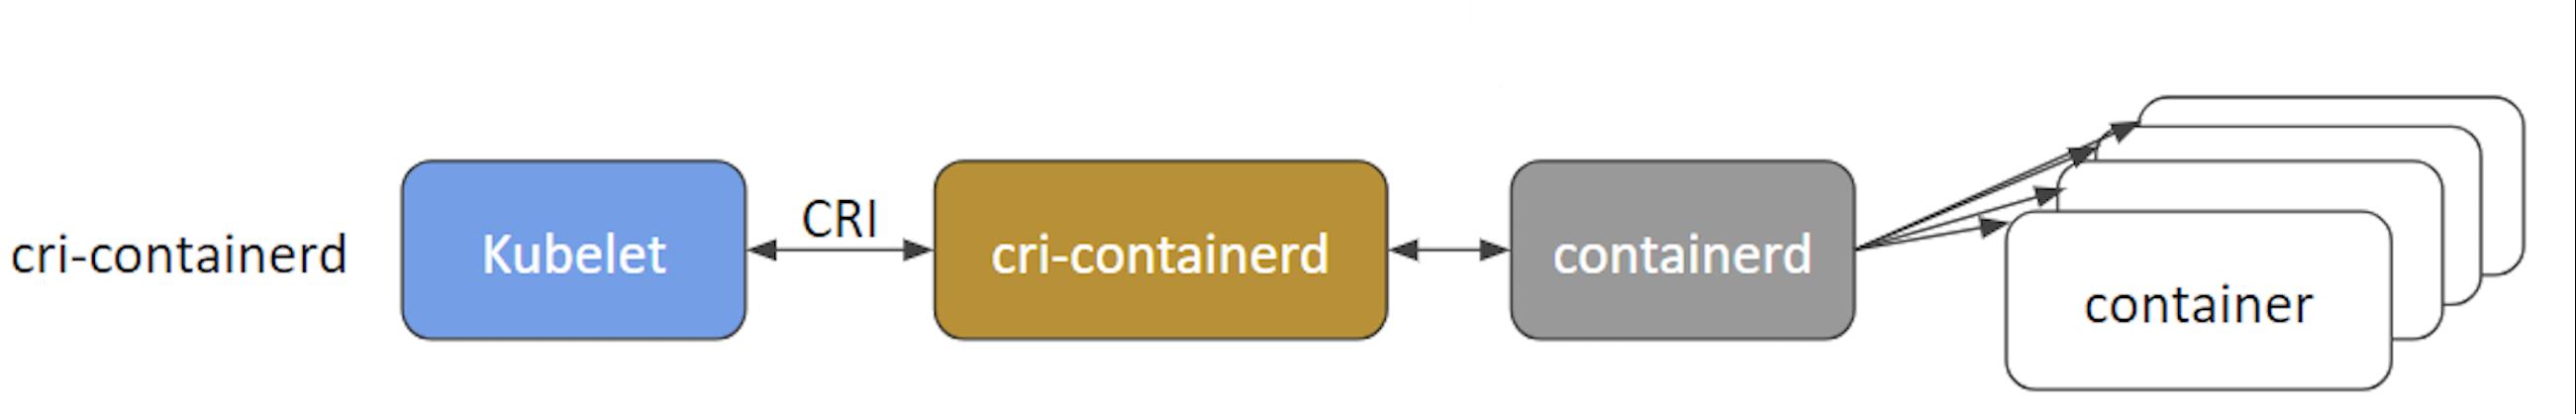 cri-container